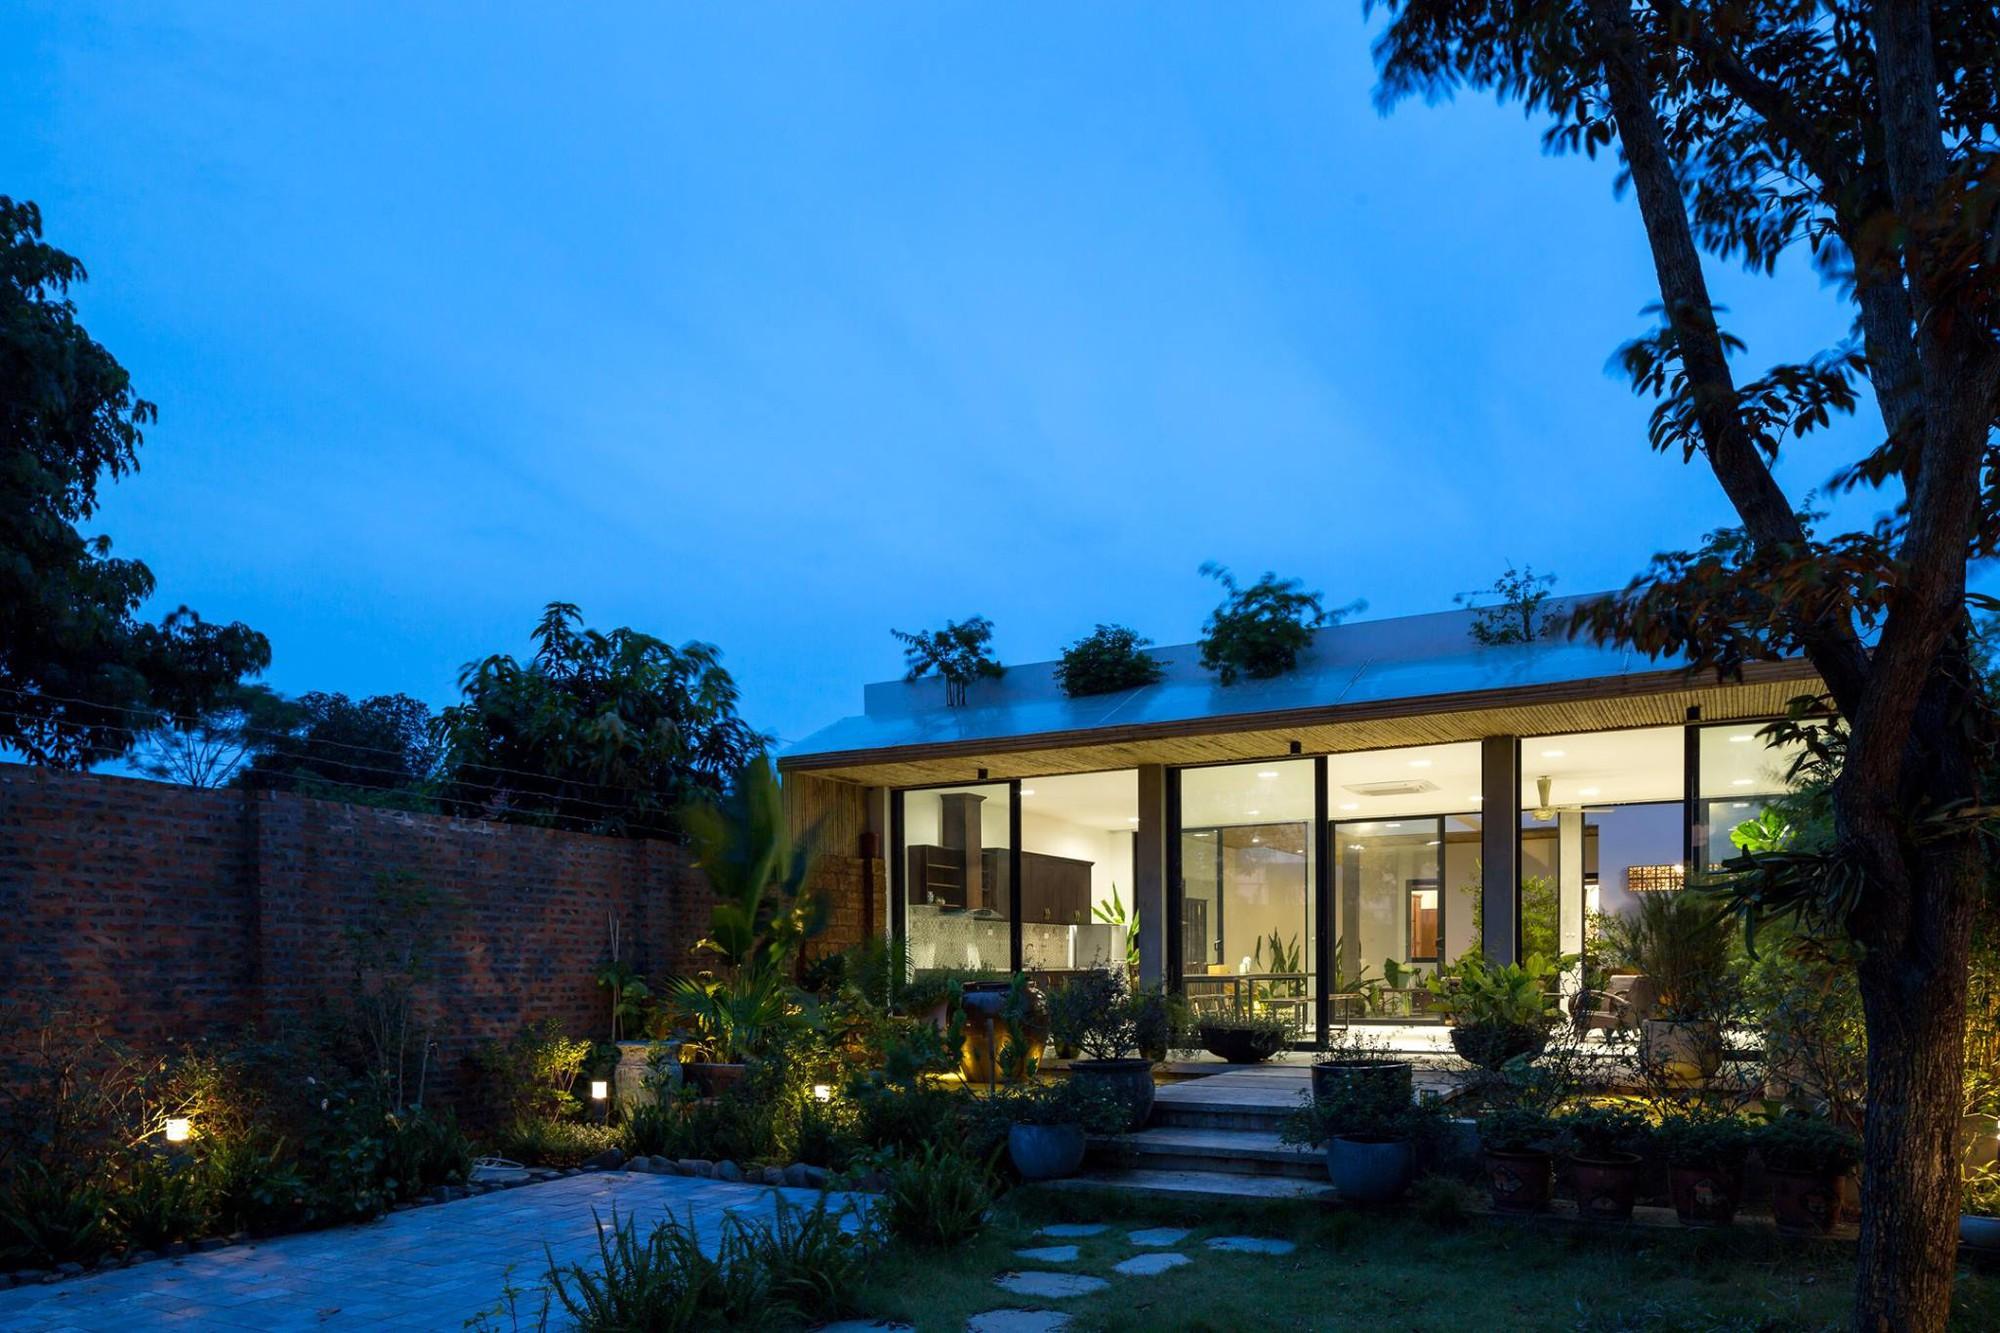 Ngôi nhà cấp 4 chan hòa ánh nắng và cây xanh mang lại vẻ yên bình đến khó tin ở Hà Nội - Ảnh 1.